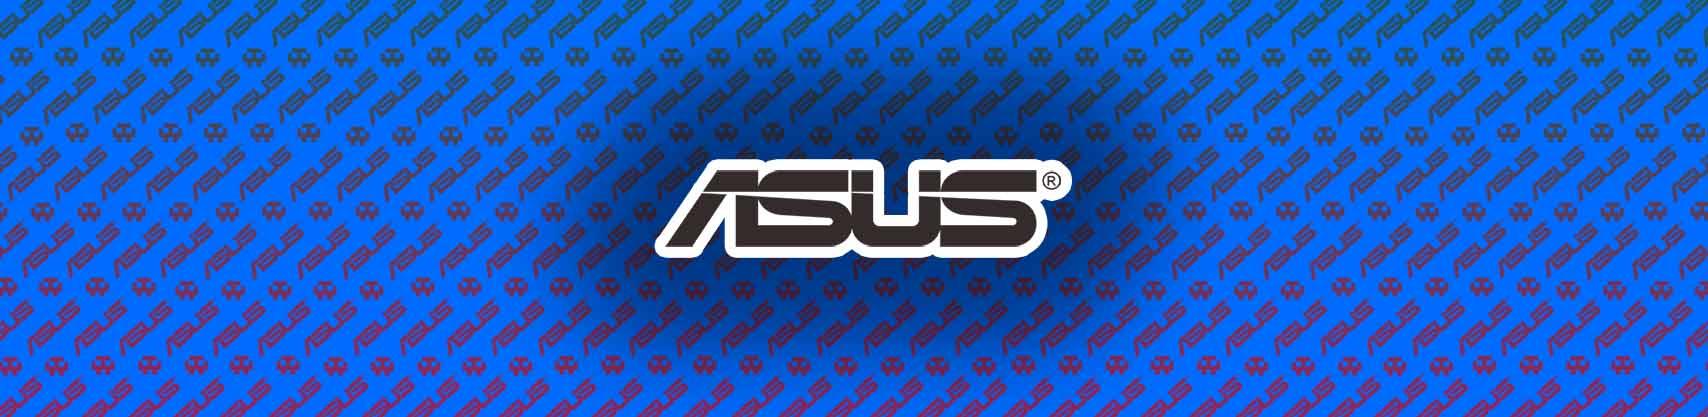 Asus Sabertooth X58 Manual